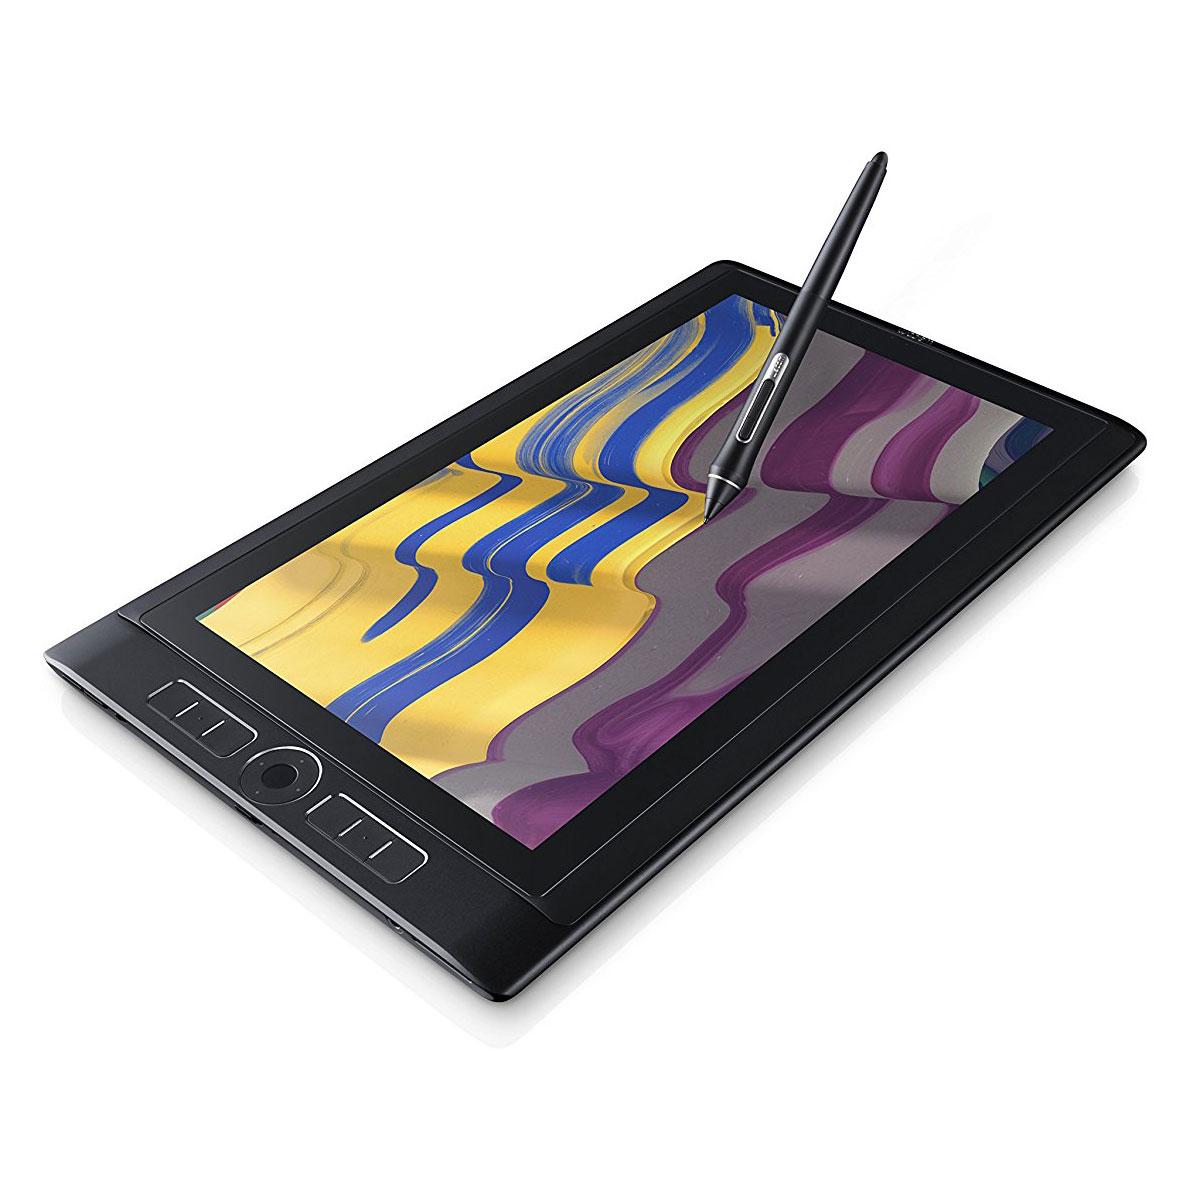 Meilleure tablette graphique le comparatif en janvier 2020 - Quelle est la meilleure tablette ...